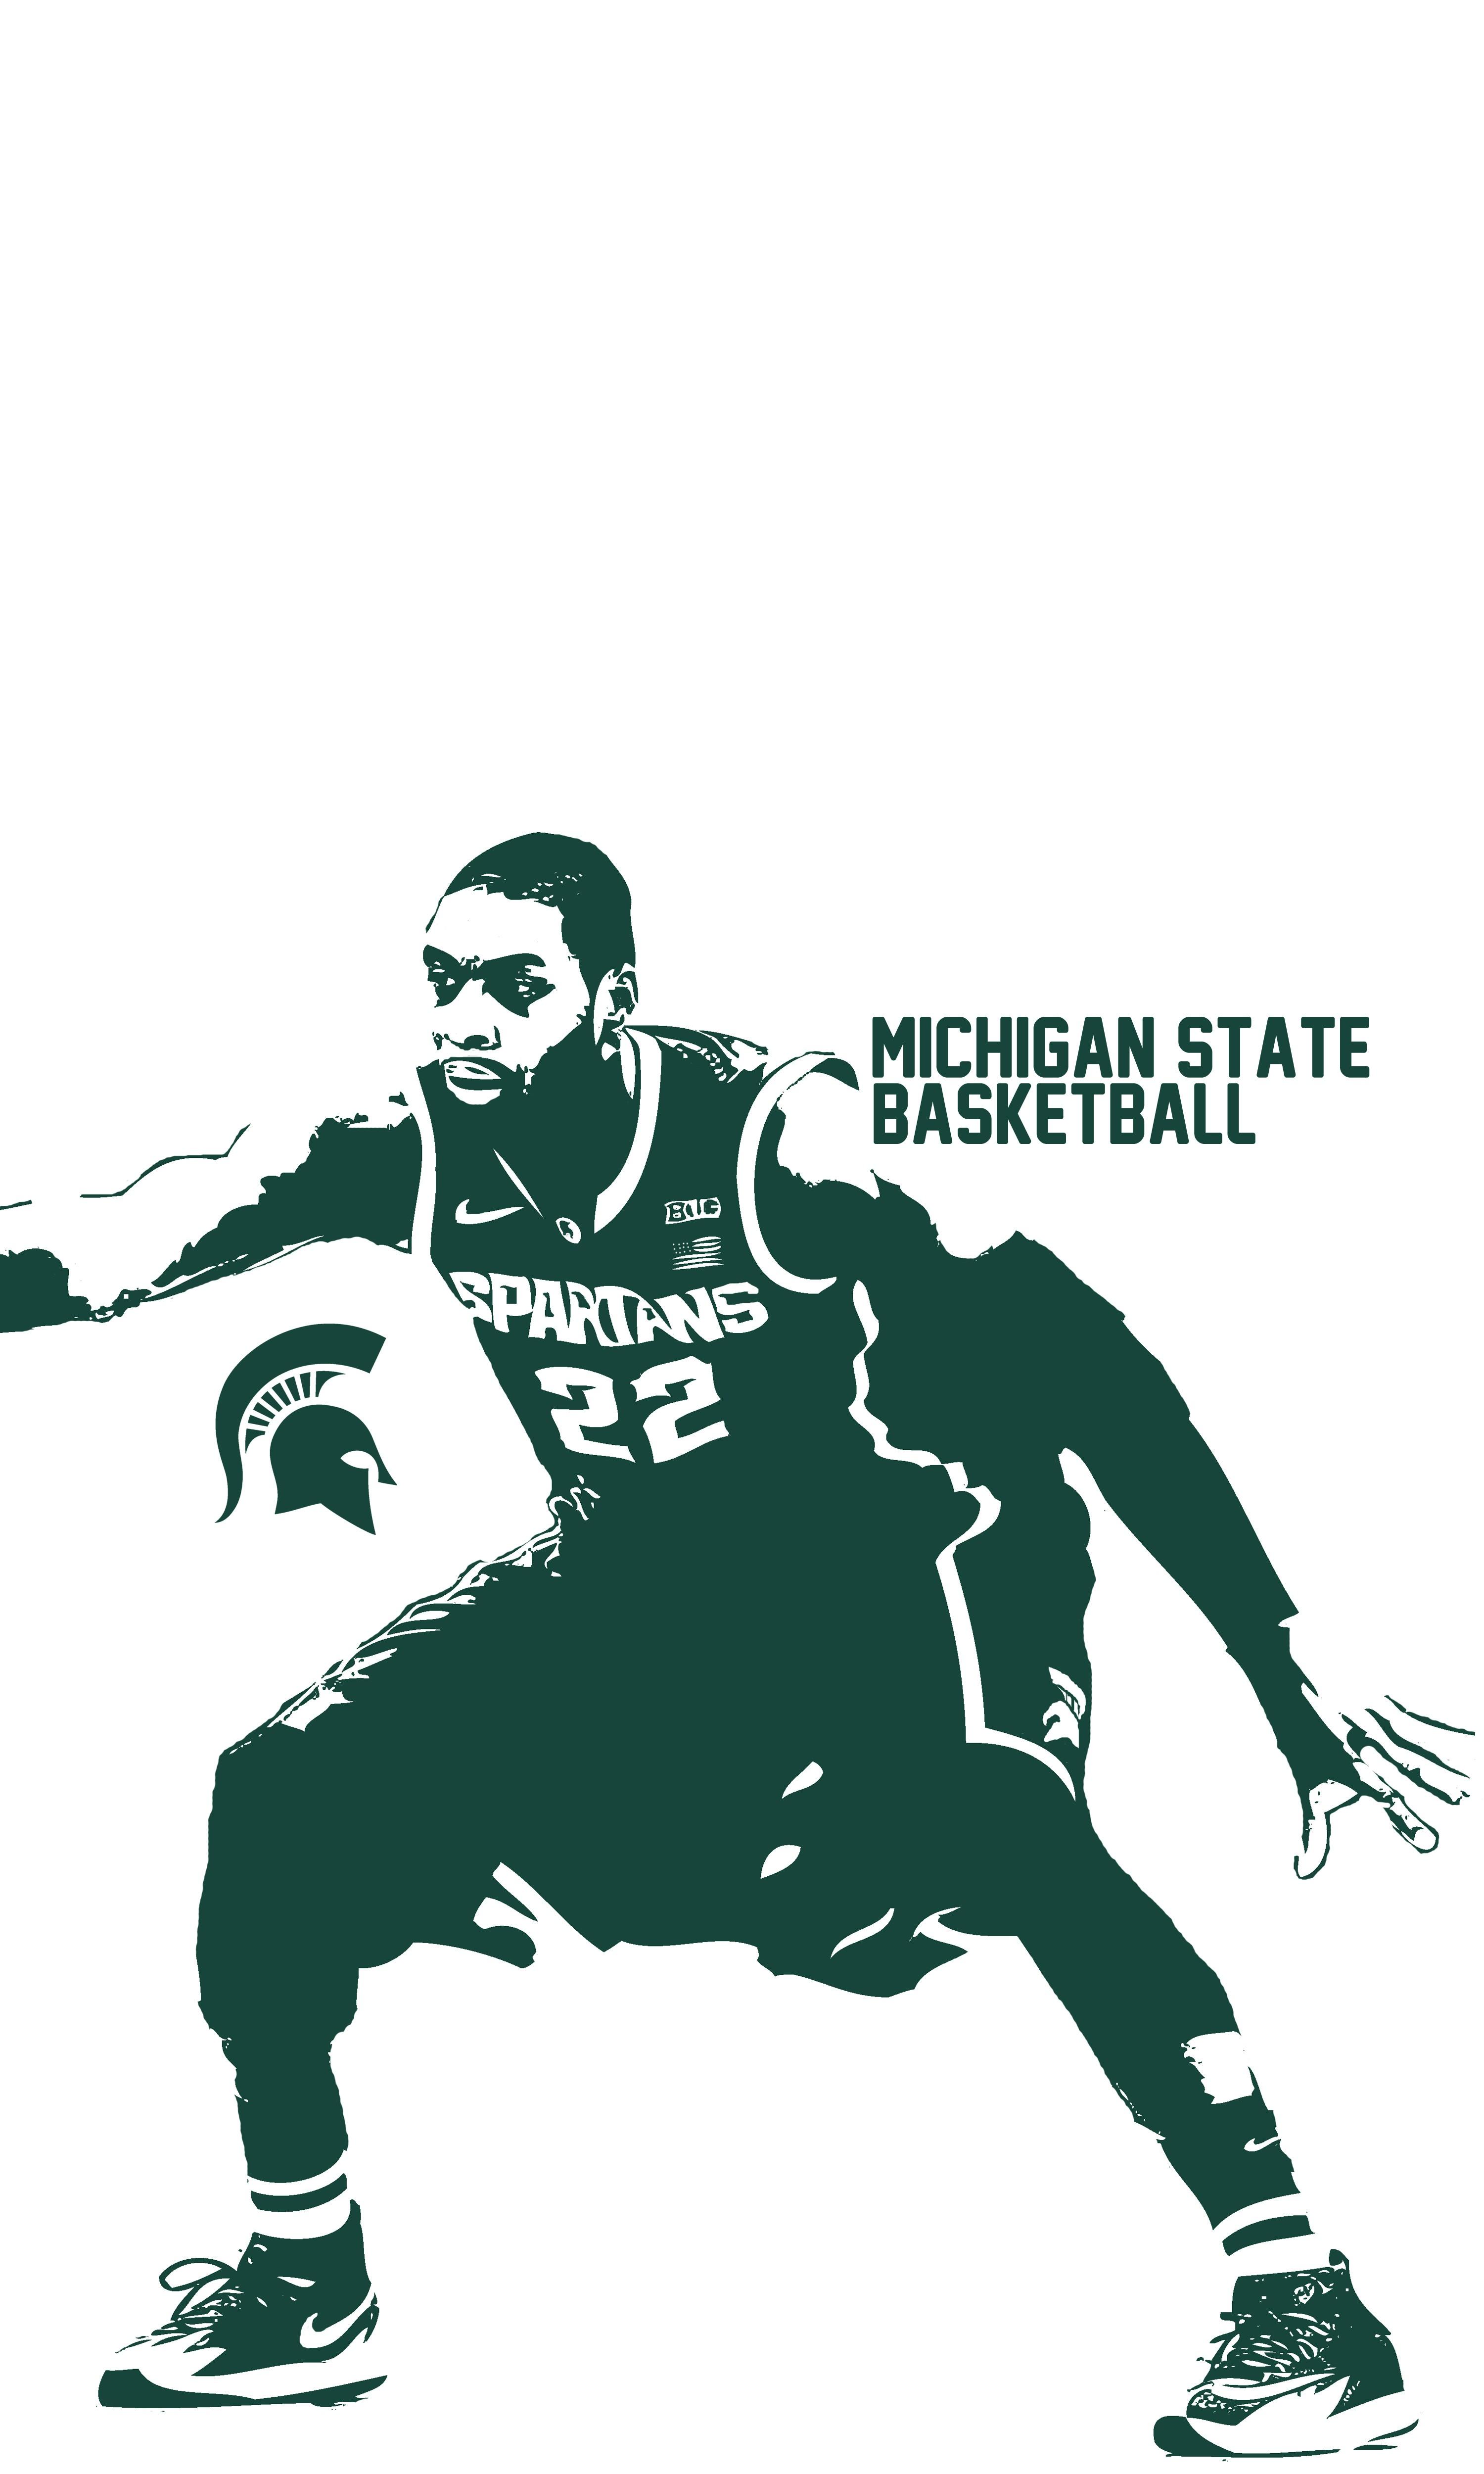 Branden Dawson Iphone Wallpaper Michigan State Basketball